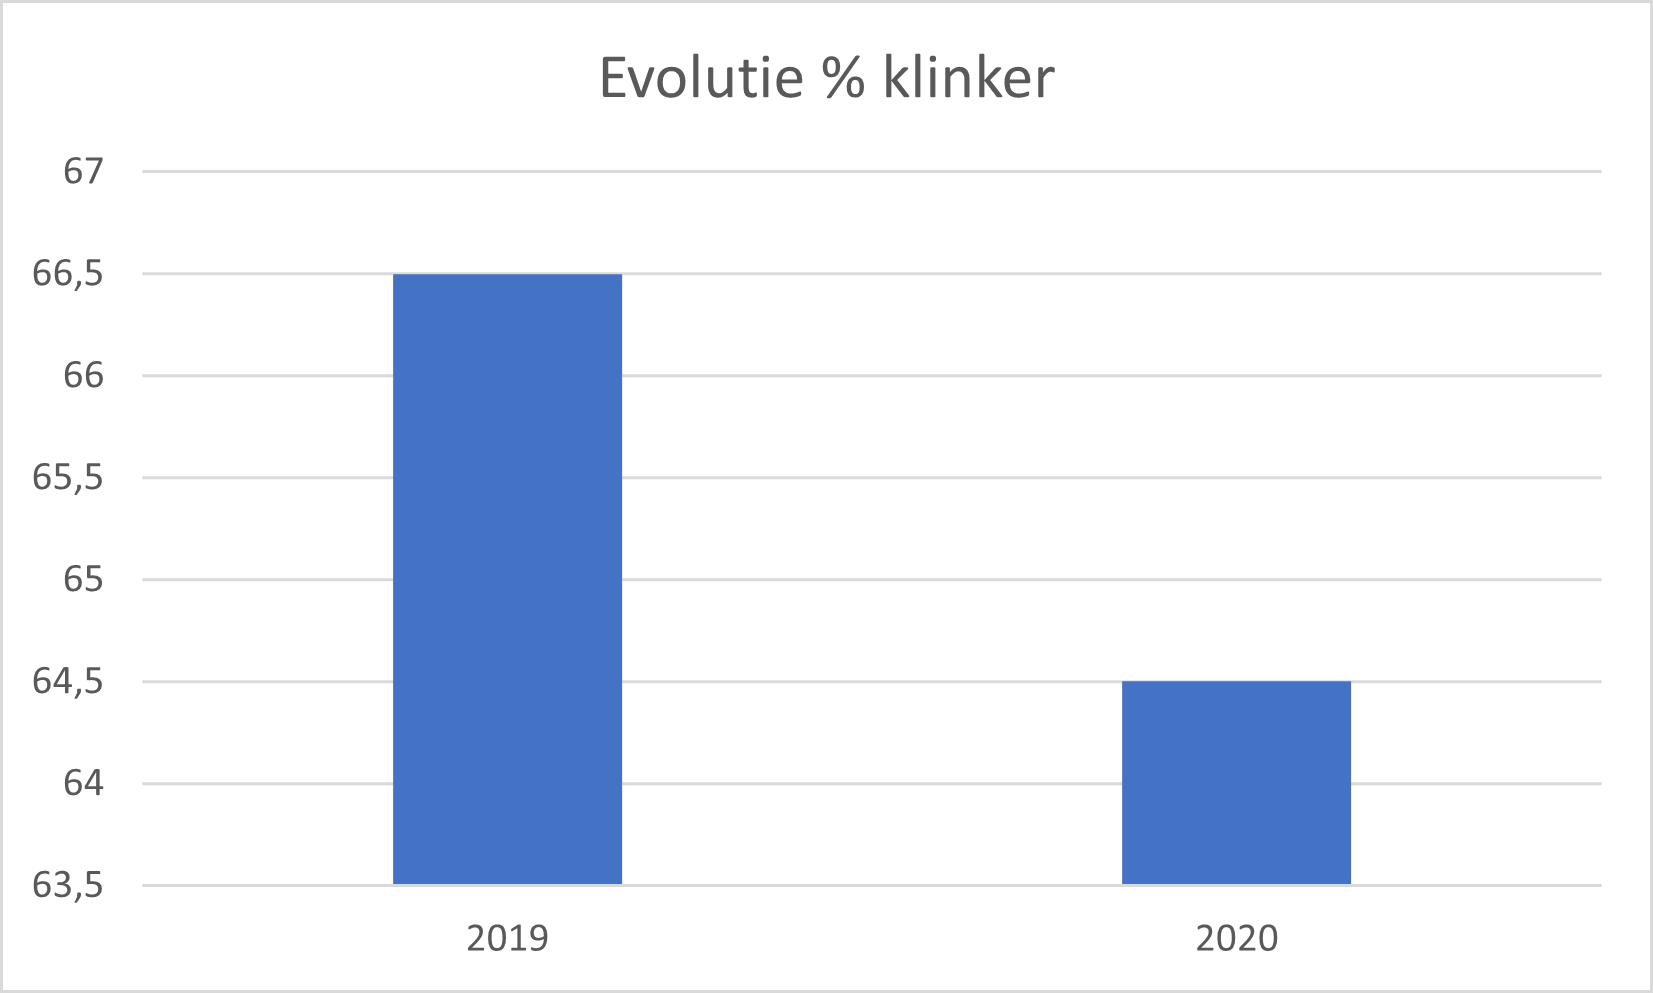 Evolutie_klinker